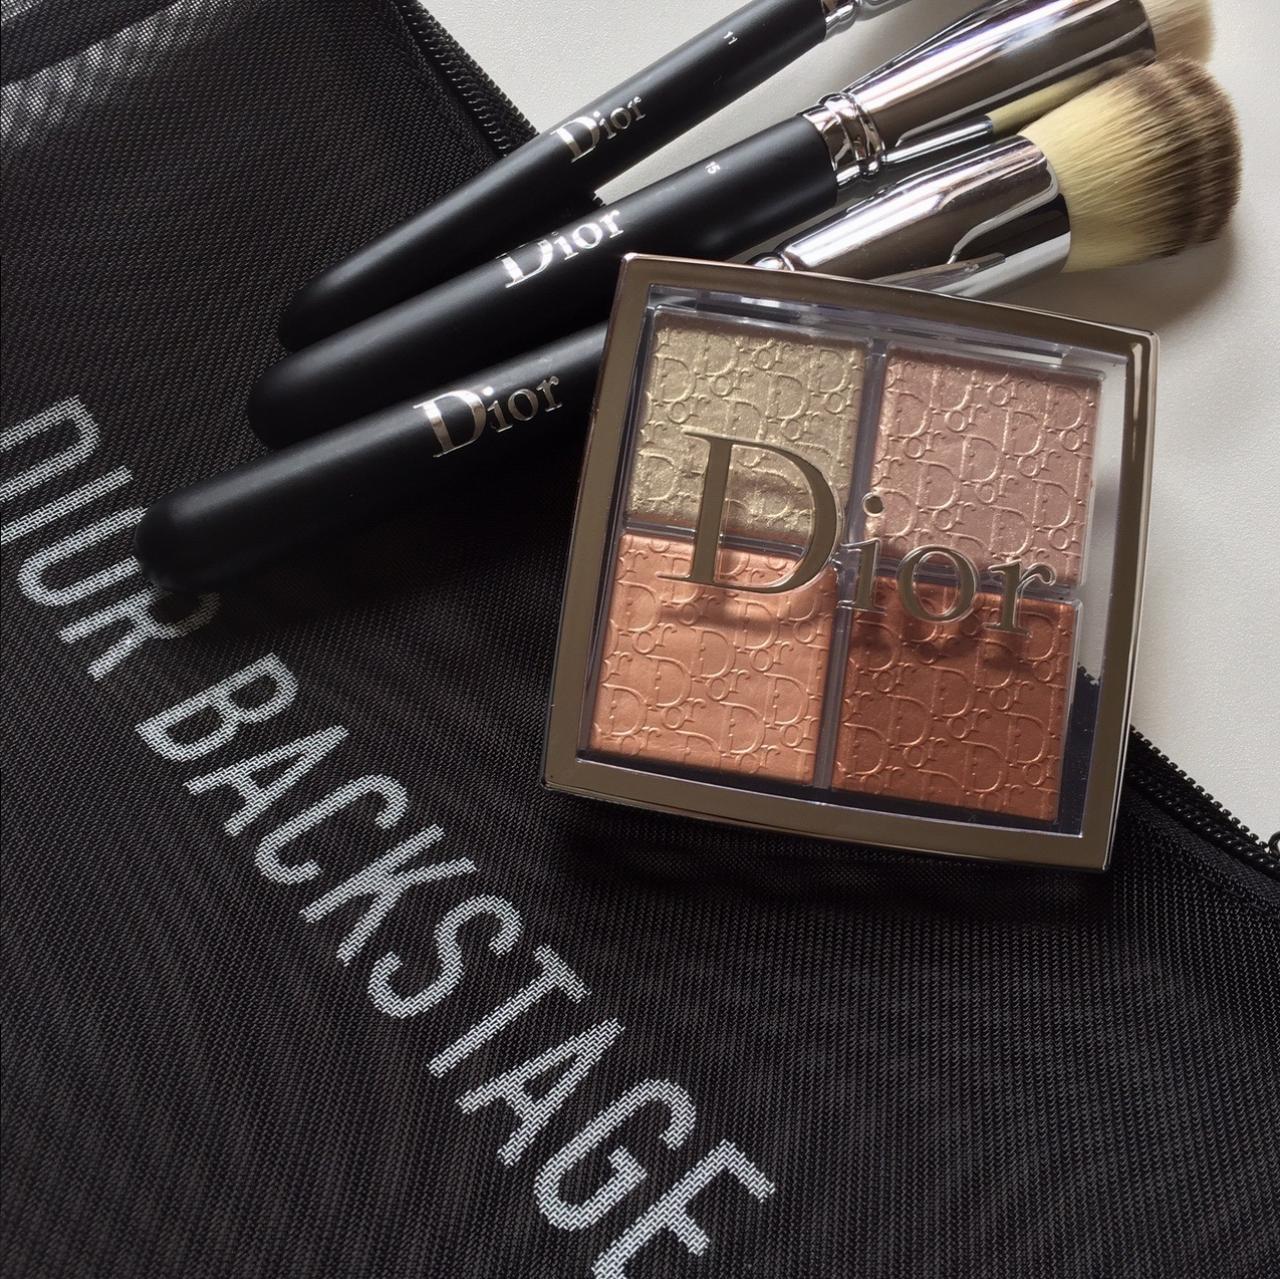 今日、どのつやにする? 『Dior』の新パレットと出かけよう♡_1